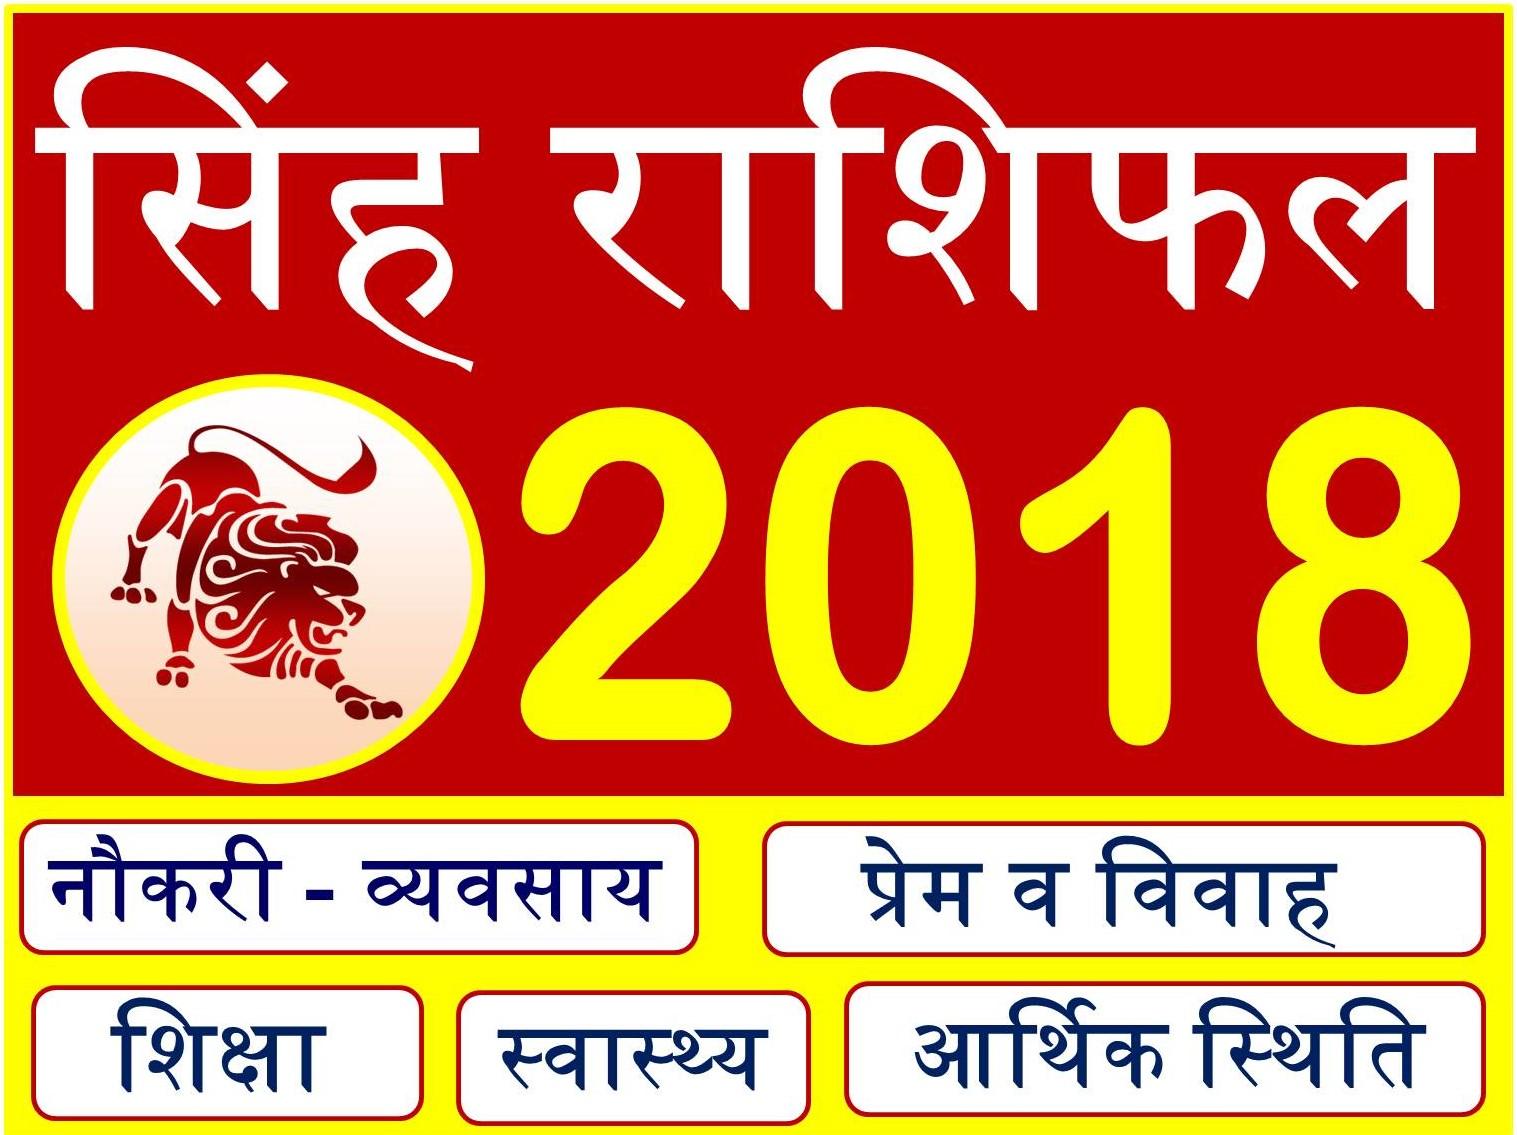 Singh Rashi Alphabets In Hindi - Photos Alphabet Collections